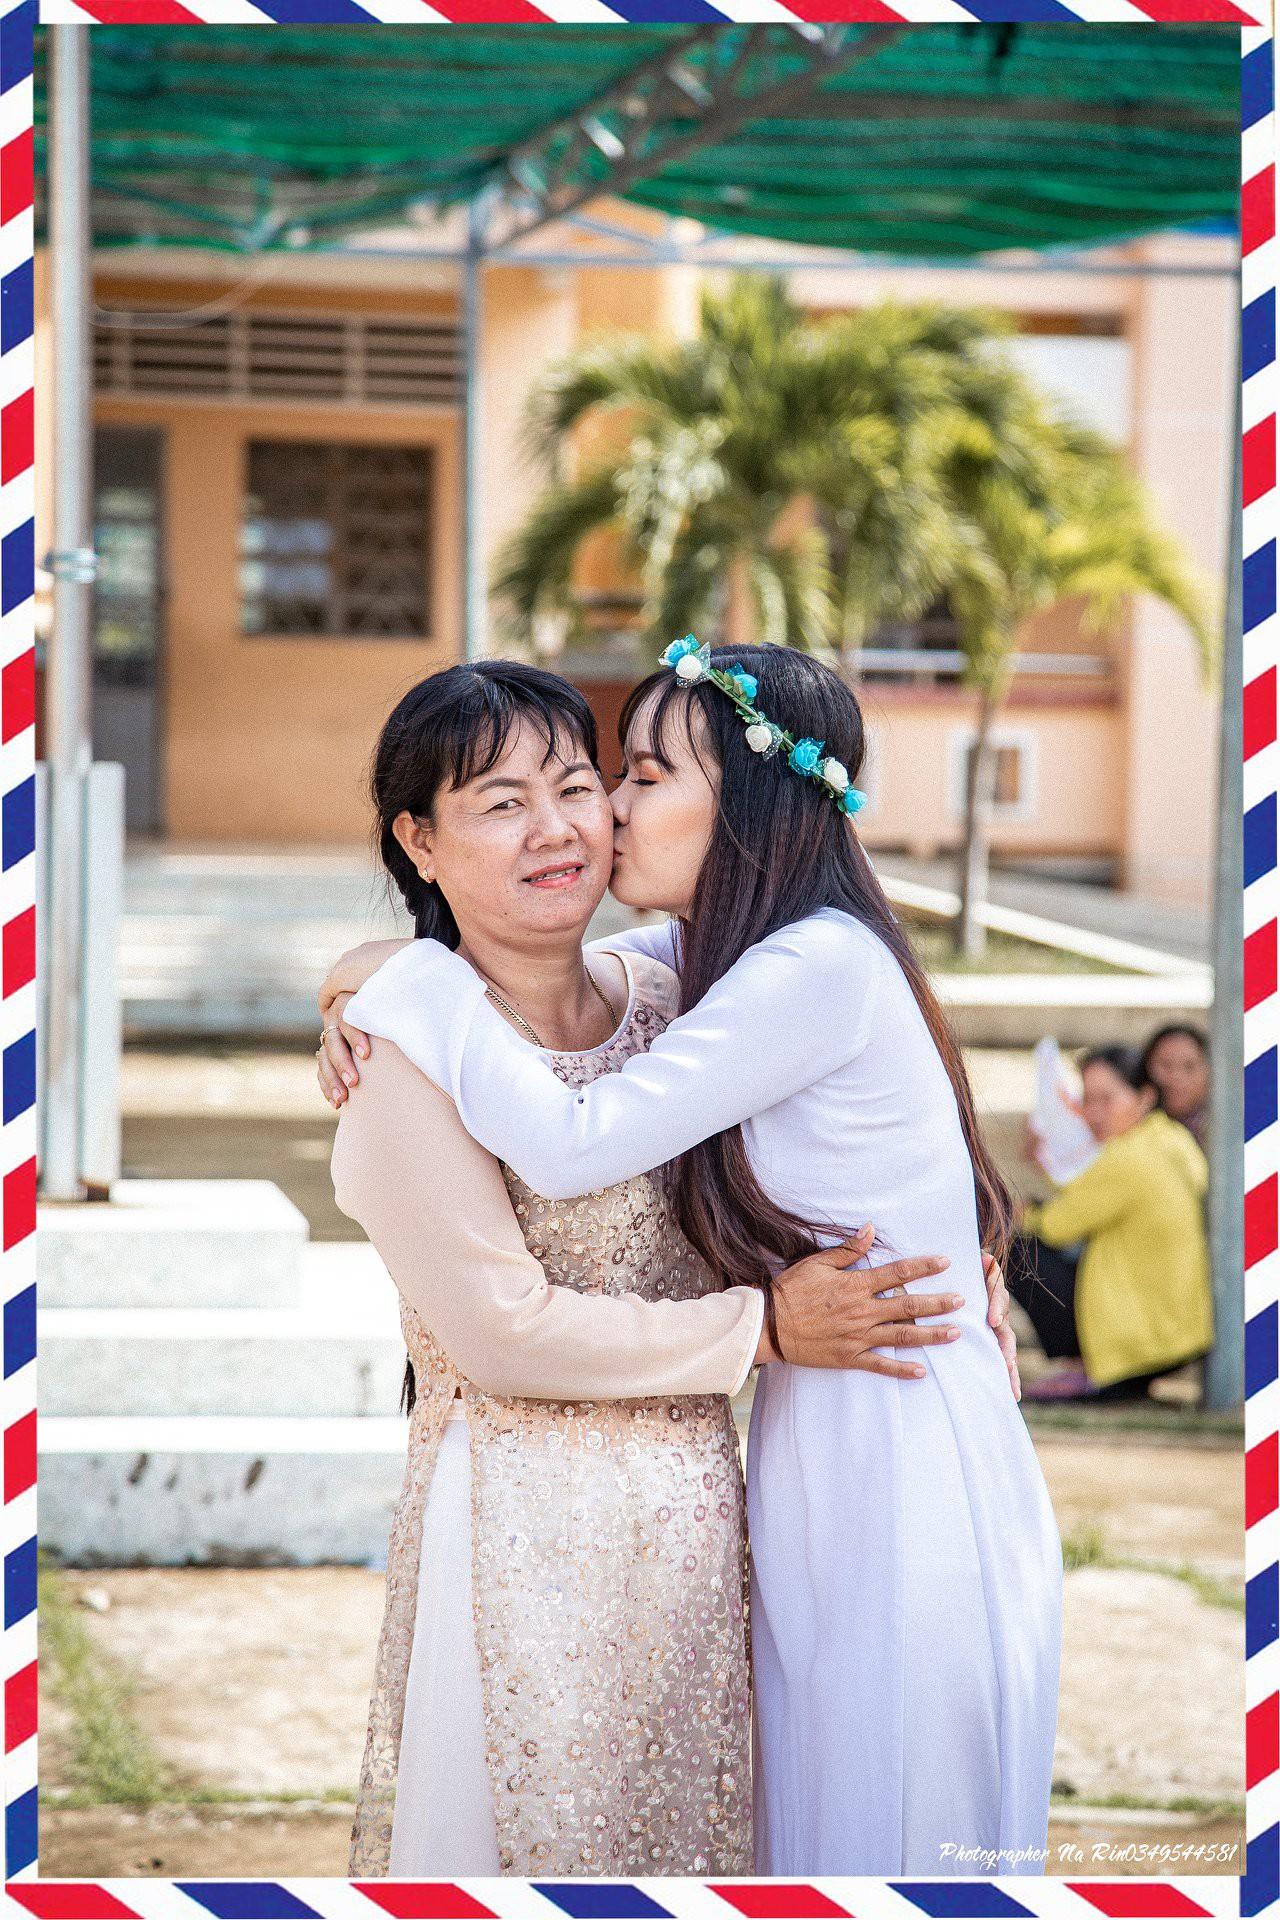 Hôn bố mẹ trong lễ tri ân, bộ ảnh đơn giản mà ý nghĩa của học sinh lớp 12 khiến nhiều người nghẹn ngào - Ảnh 3.